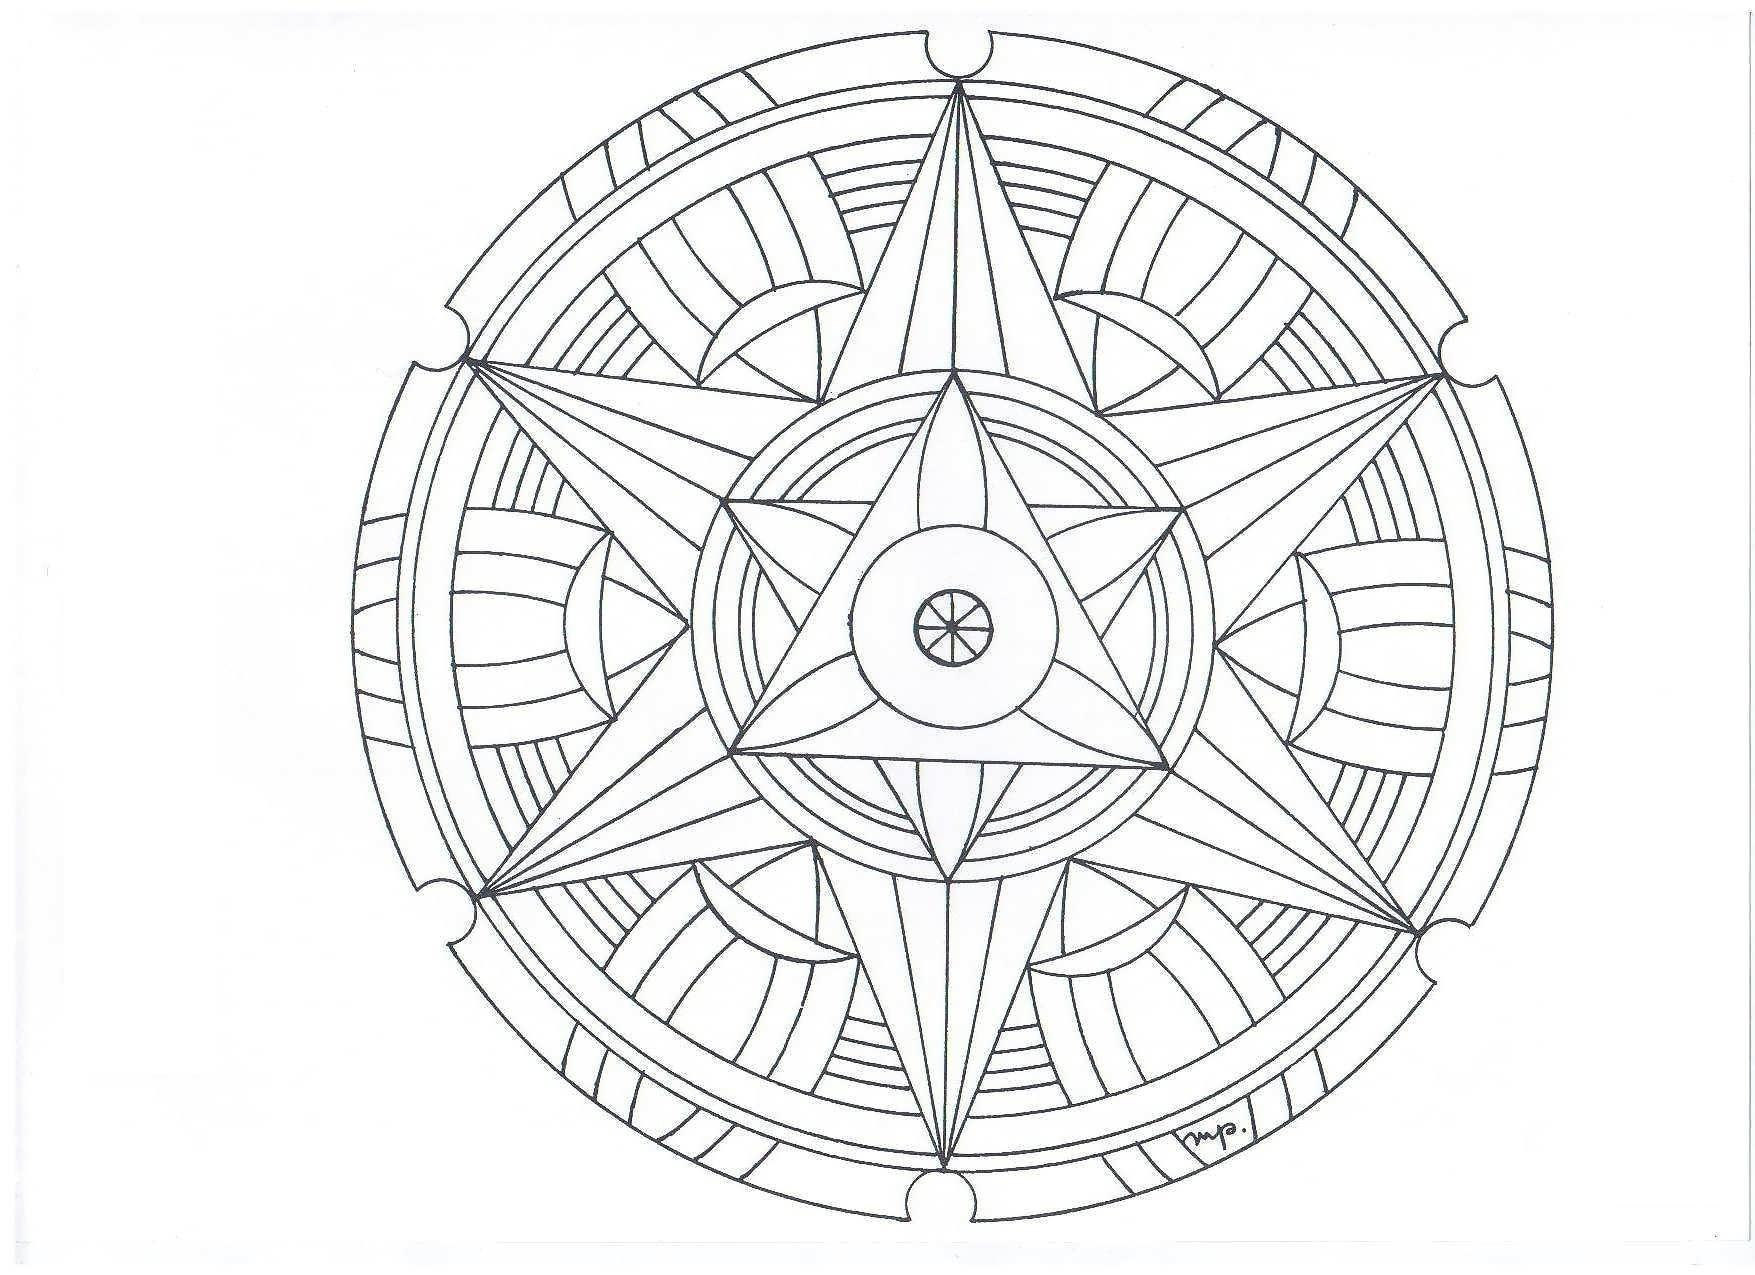 Сложные узоры со звездой в центре, в круге Картинки антистресс раскраски